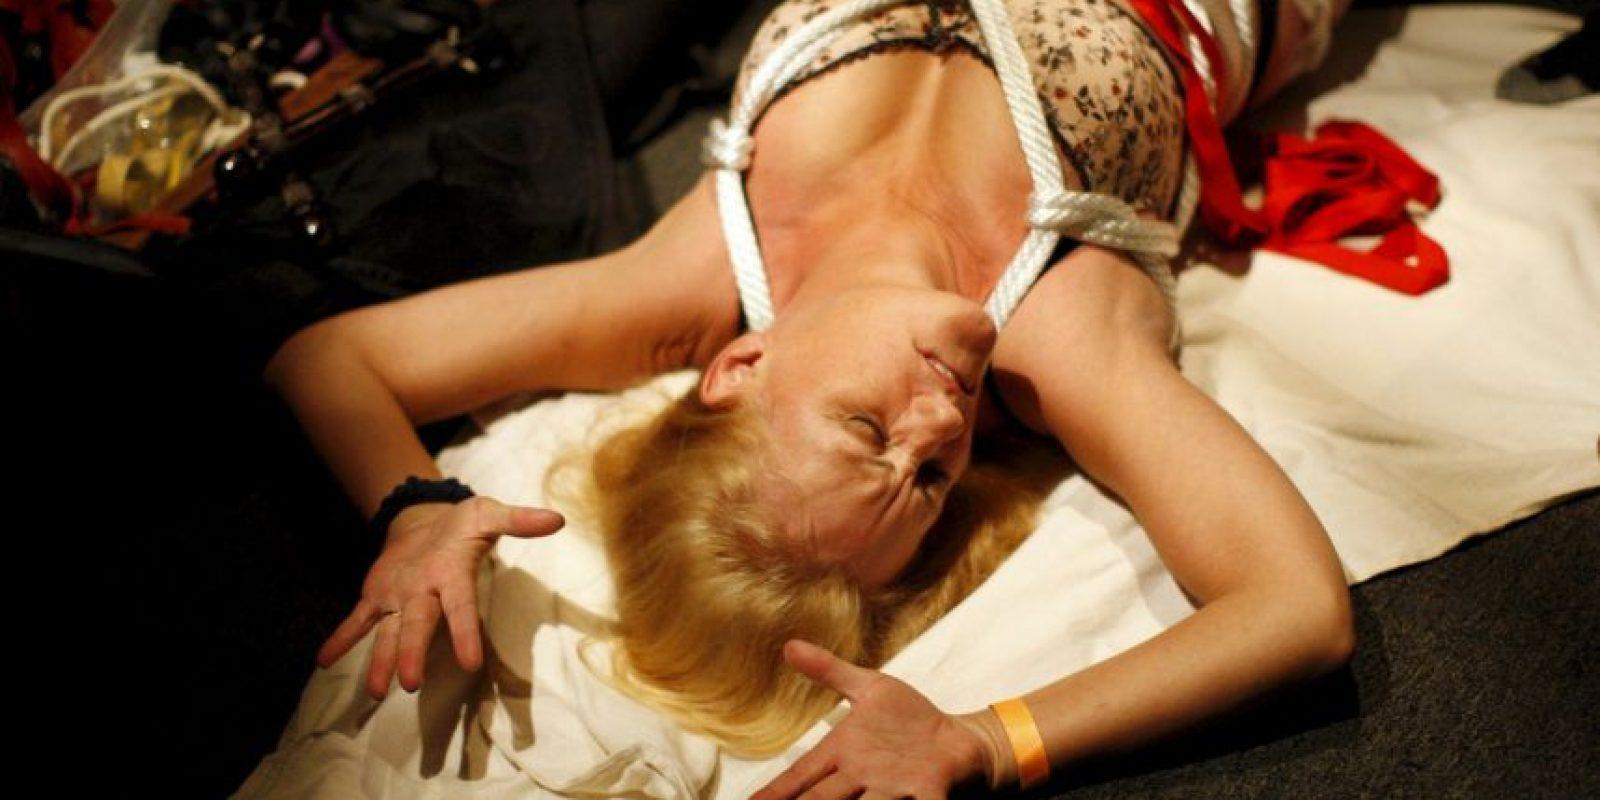 Desde cosquillas hasta una estimulacióon fuerte, expuso la sexóloga estadounidense Stacy Rybchin. Foto:Getty Images